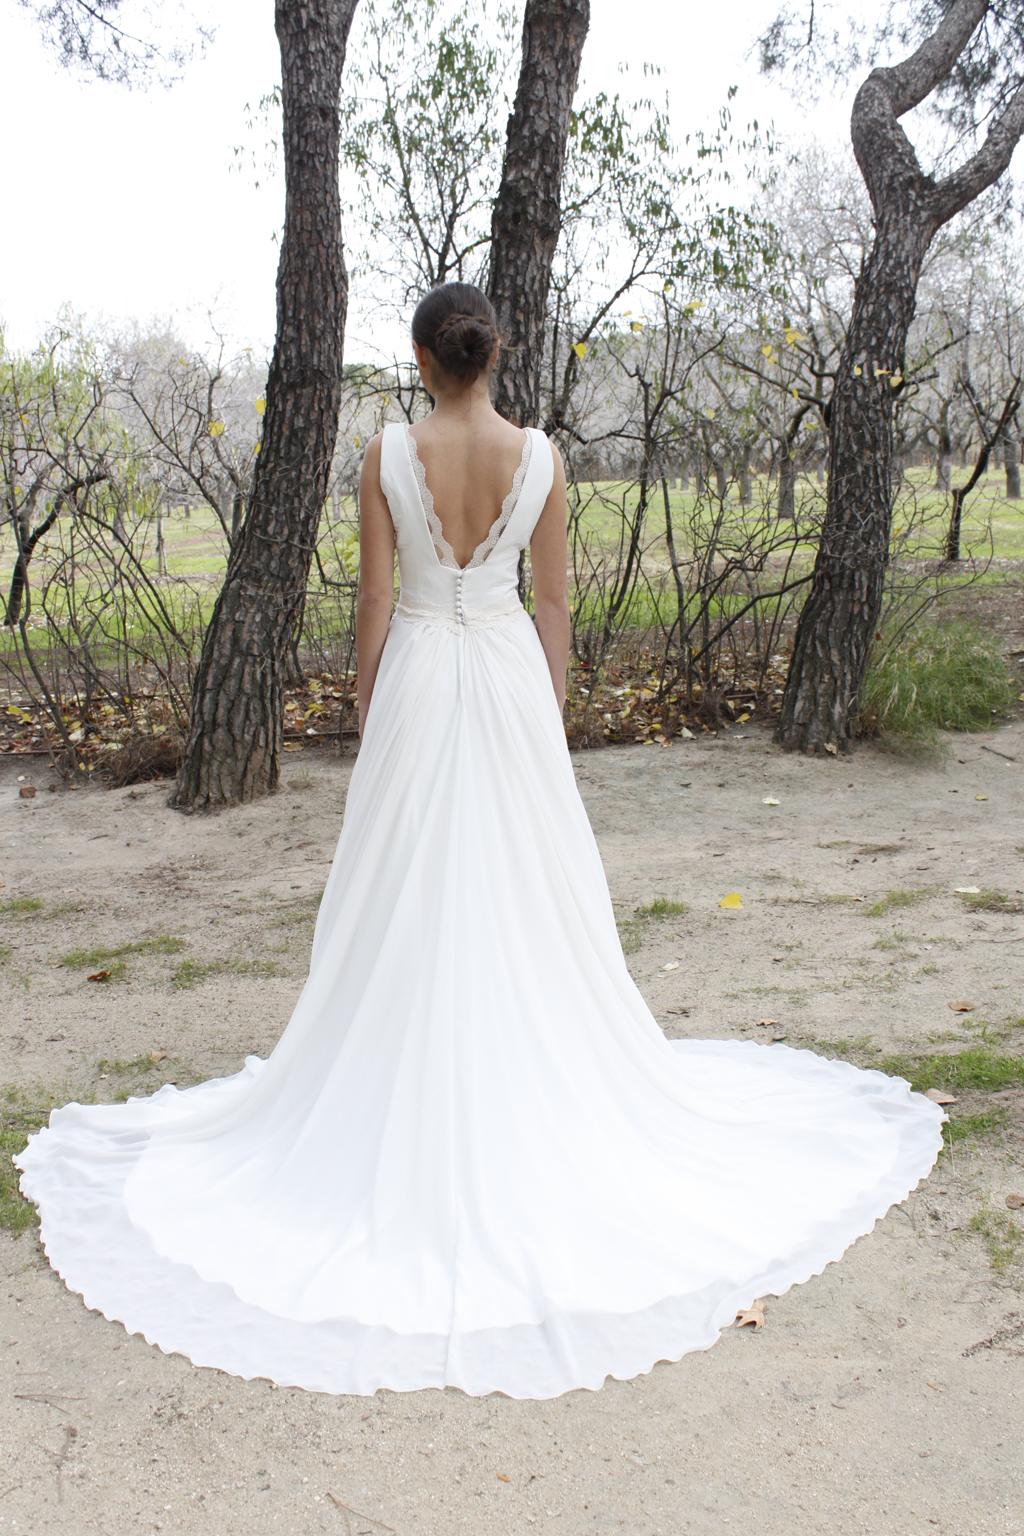 espalda vestido de novia Navar - masum karimi